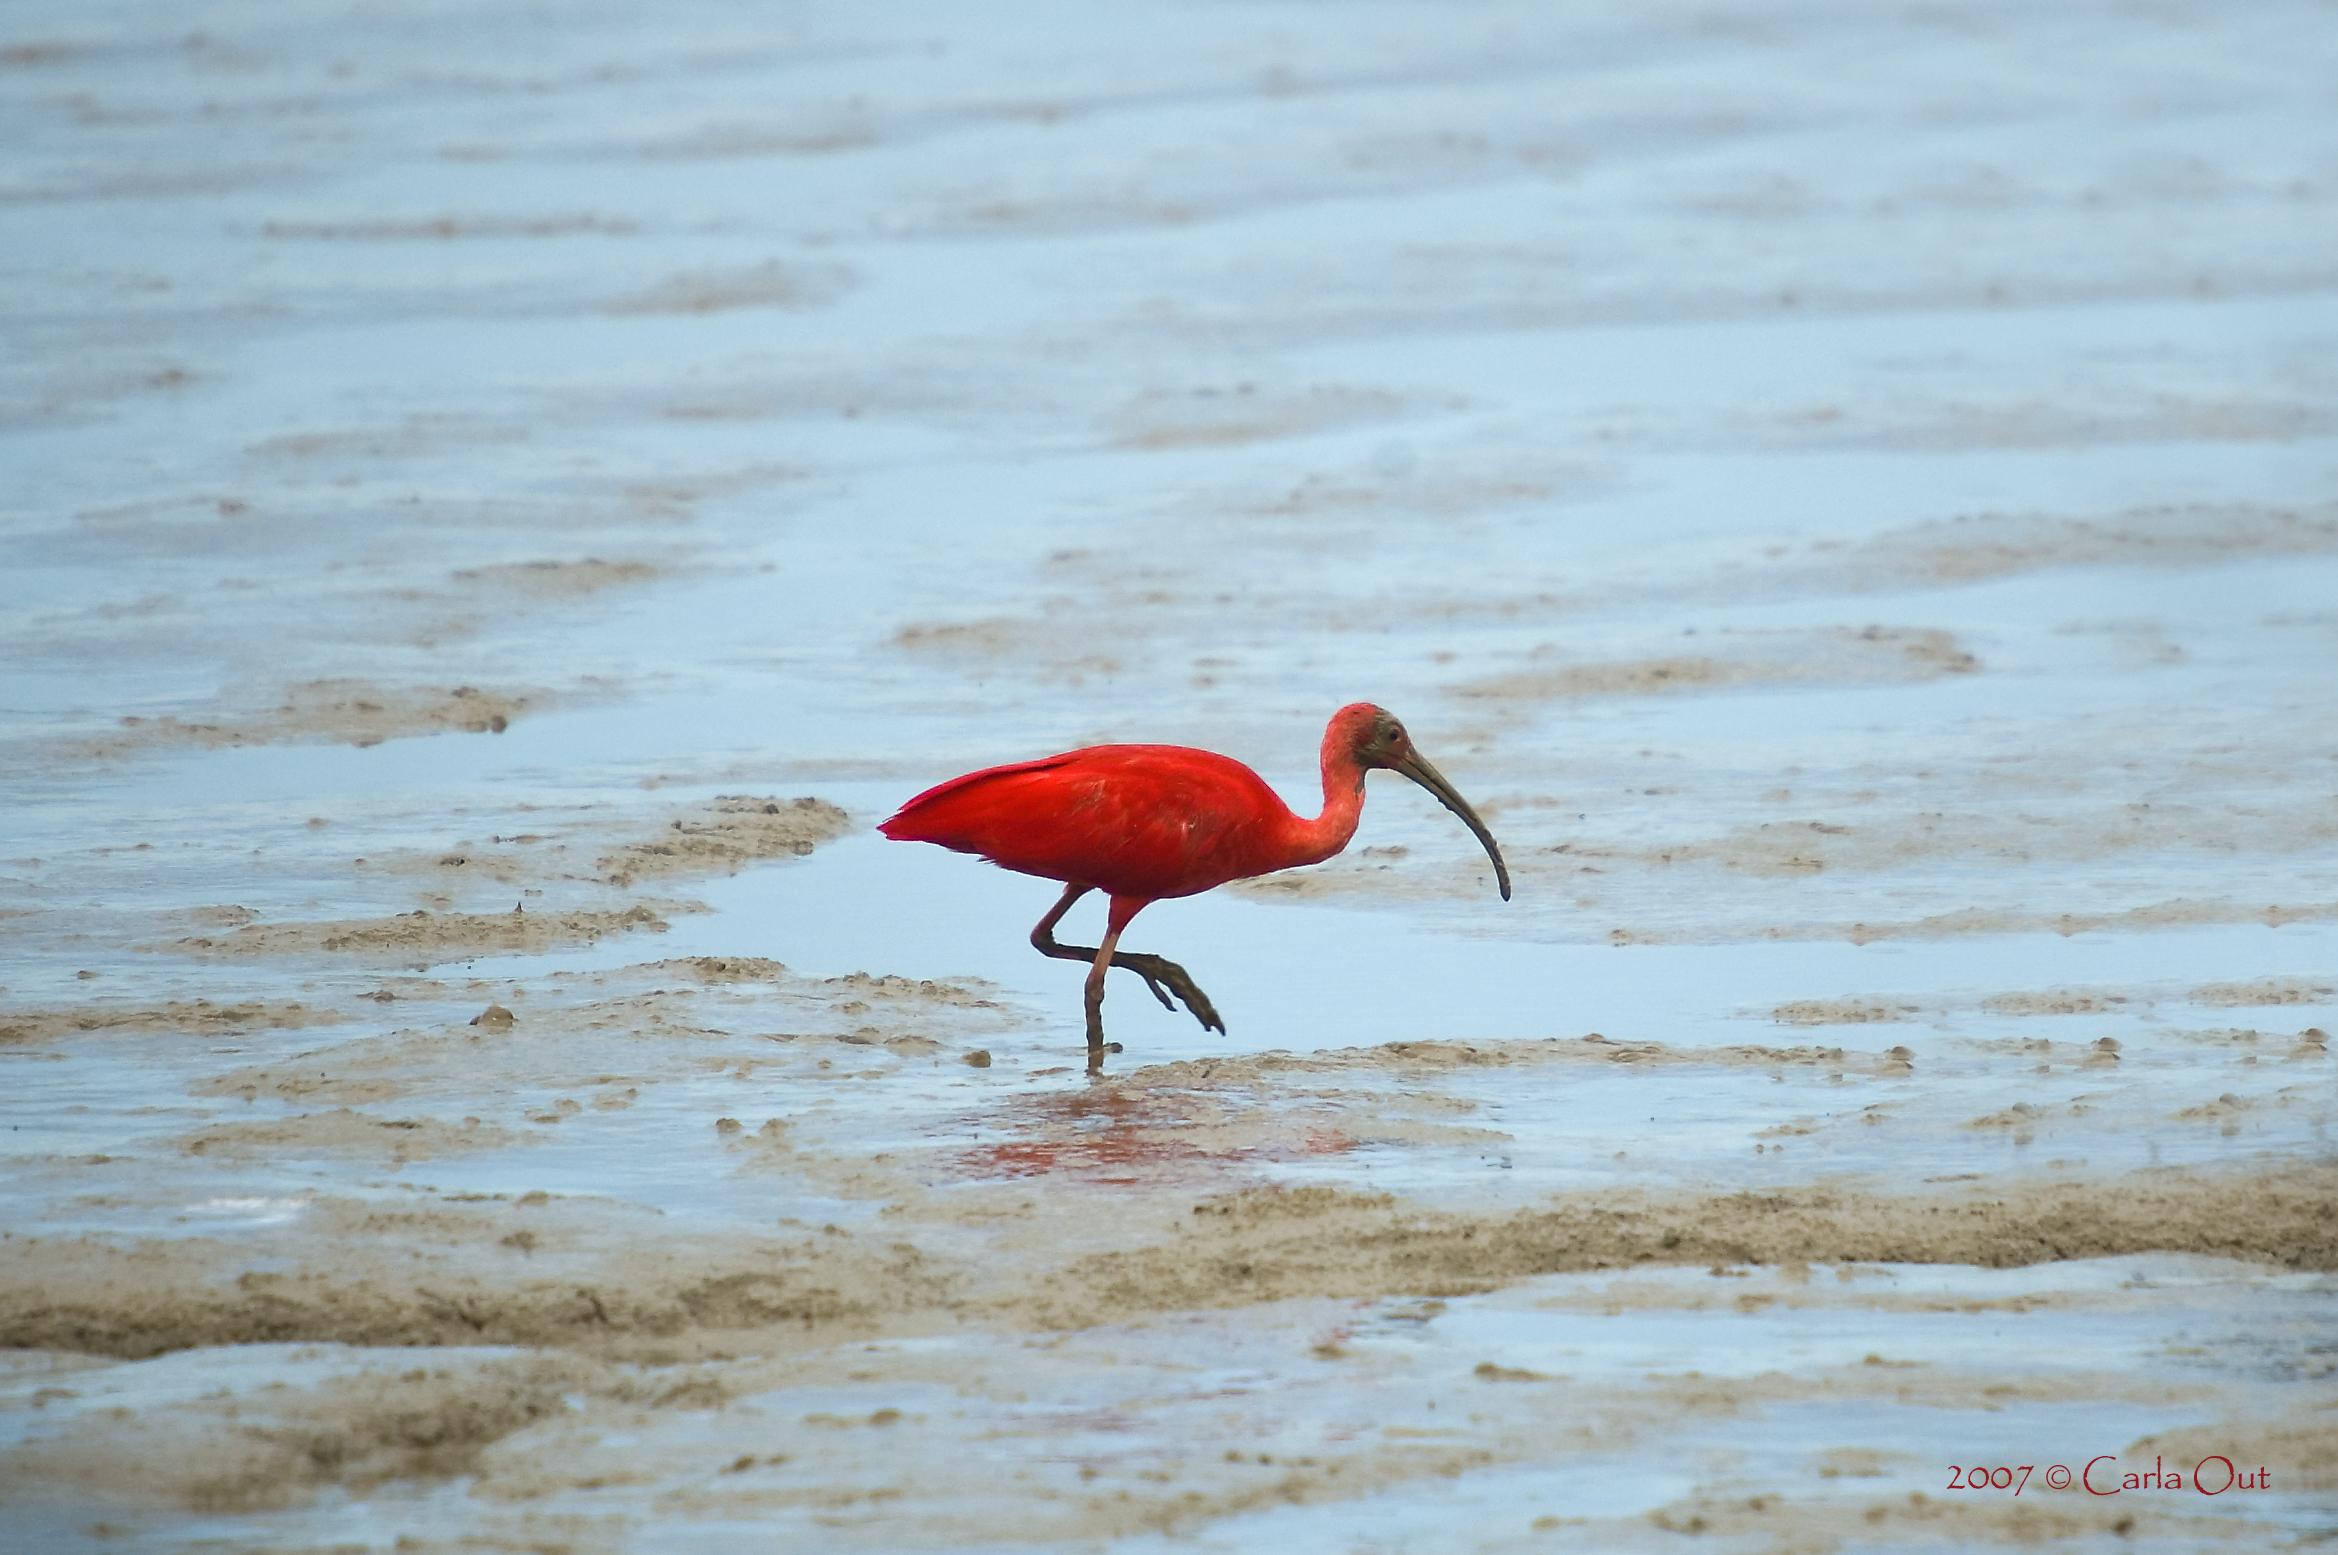 Rode ibis - Bigi Pan